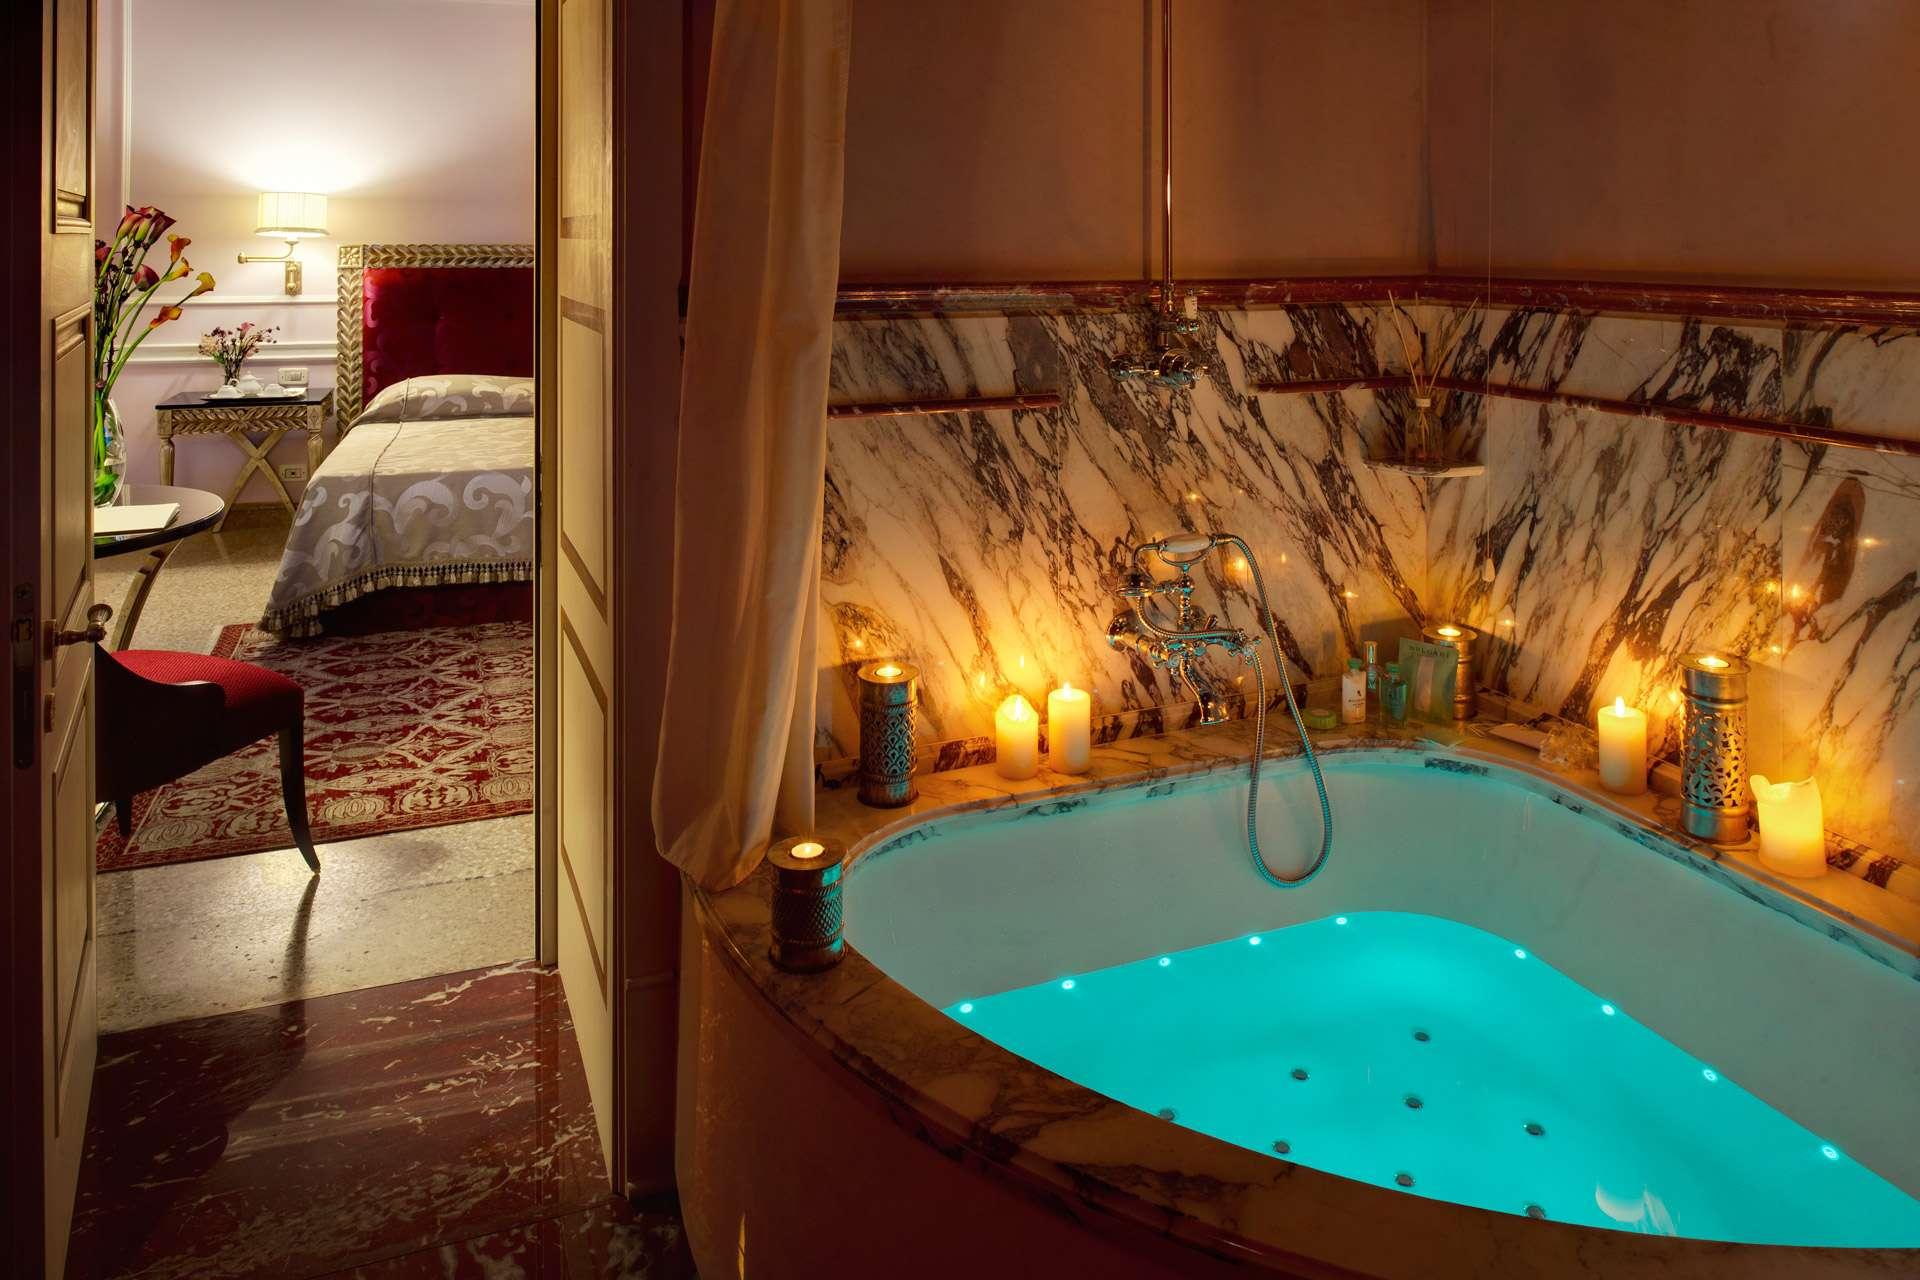 Camere Elegance Con Idromassaggio Villa Cordevigo Wine Relais Spa Hotel Di Lusso 5 Stelle Lago Di Garda Verona Italia